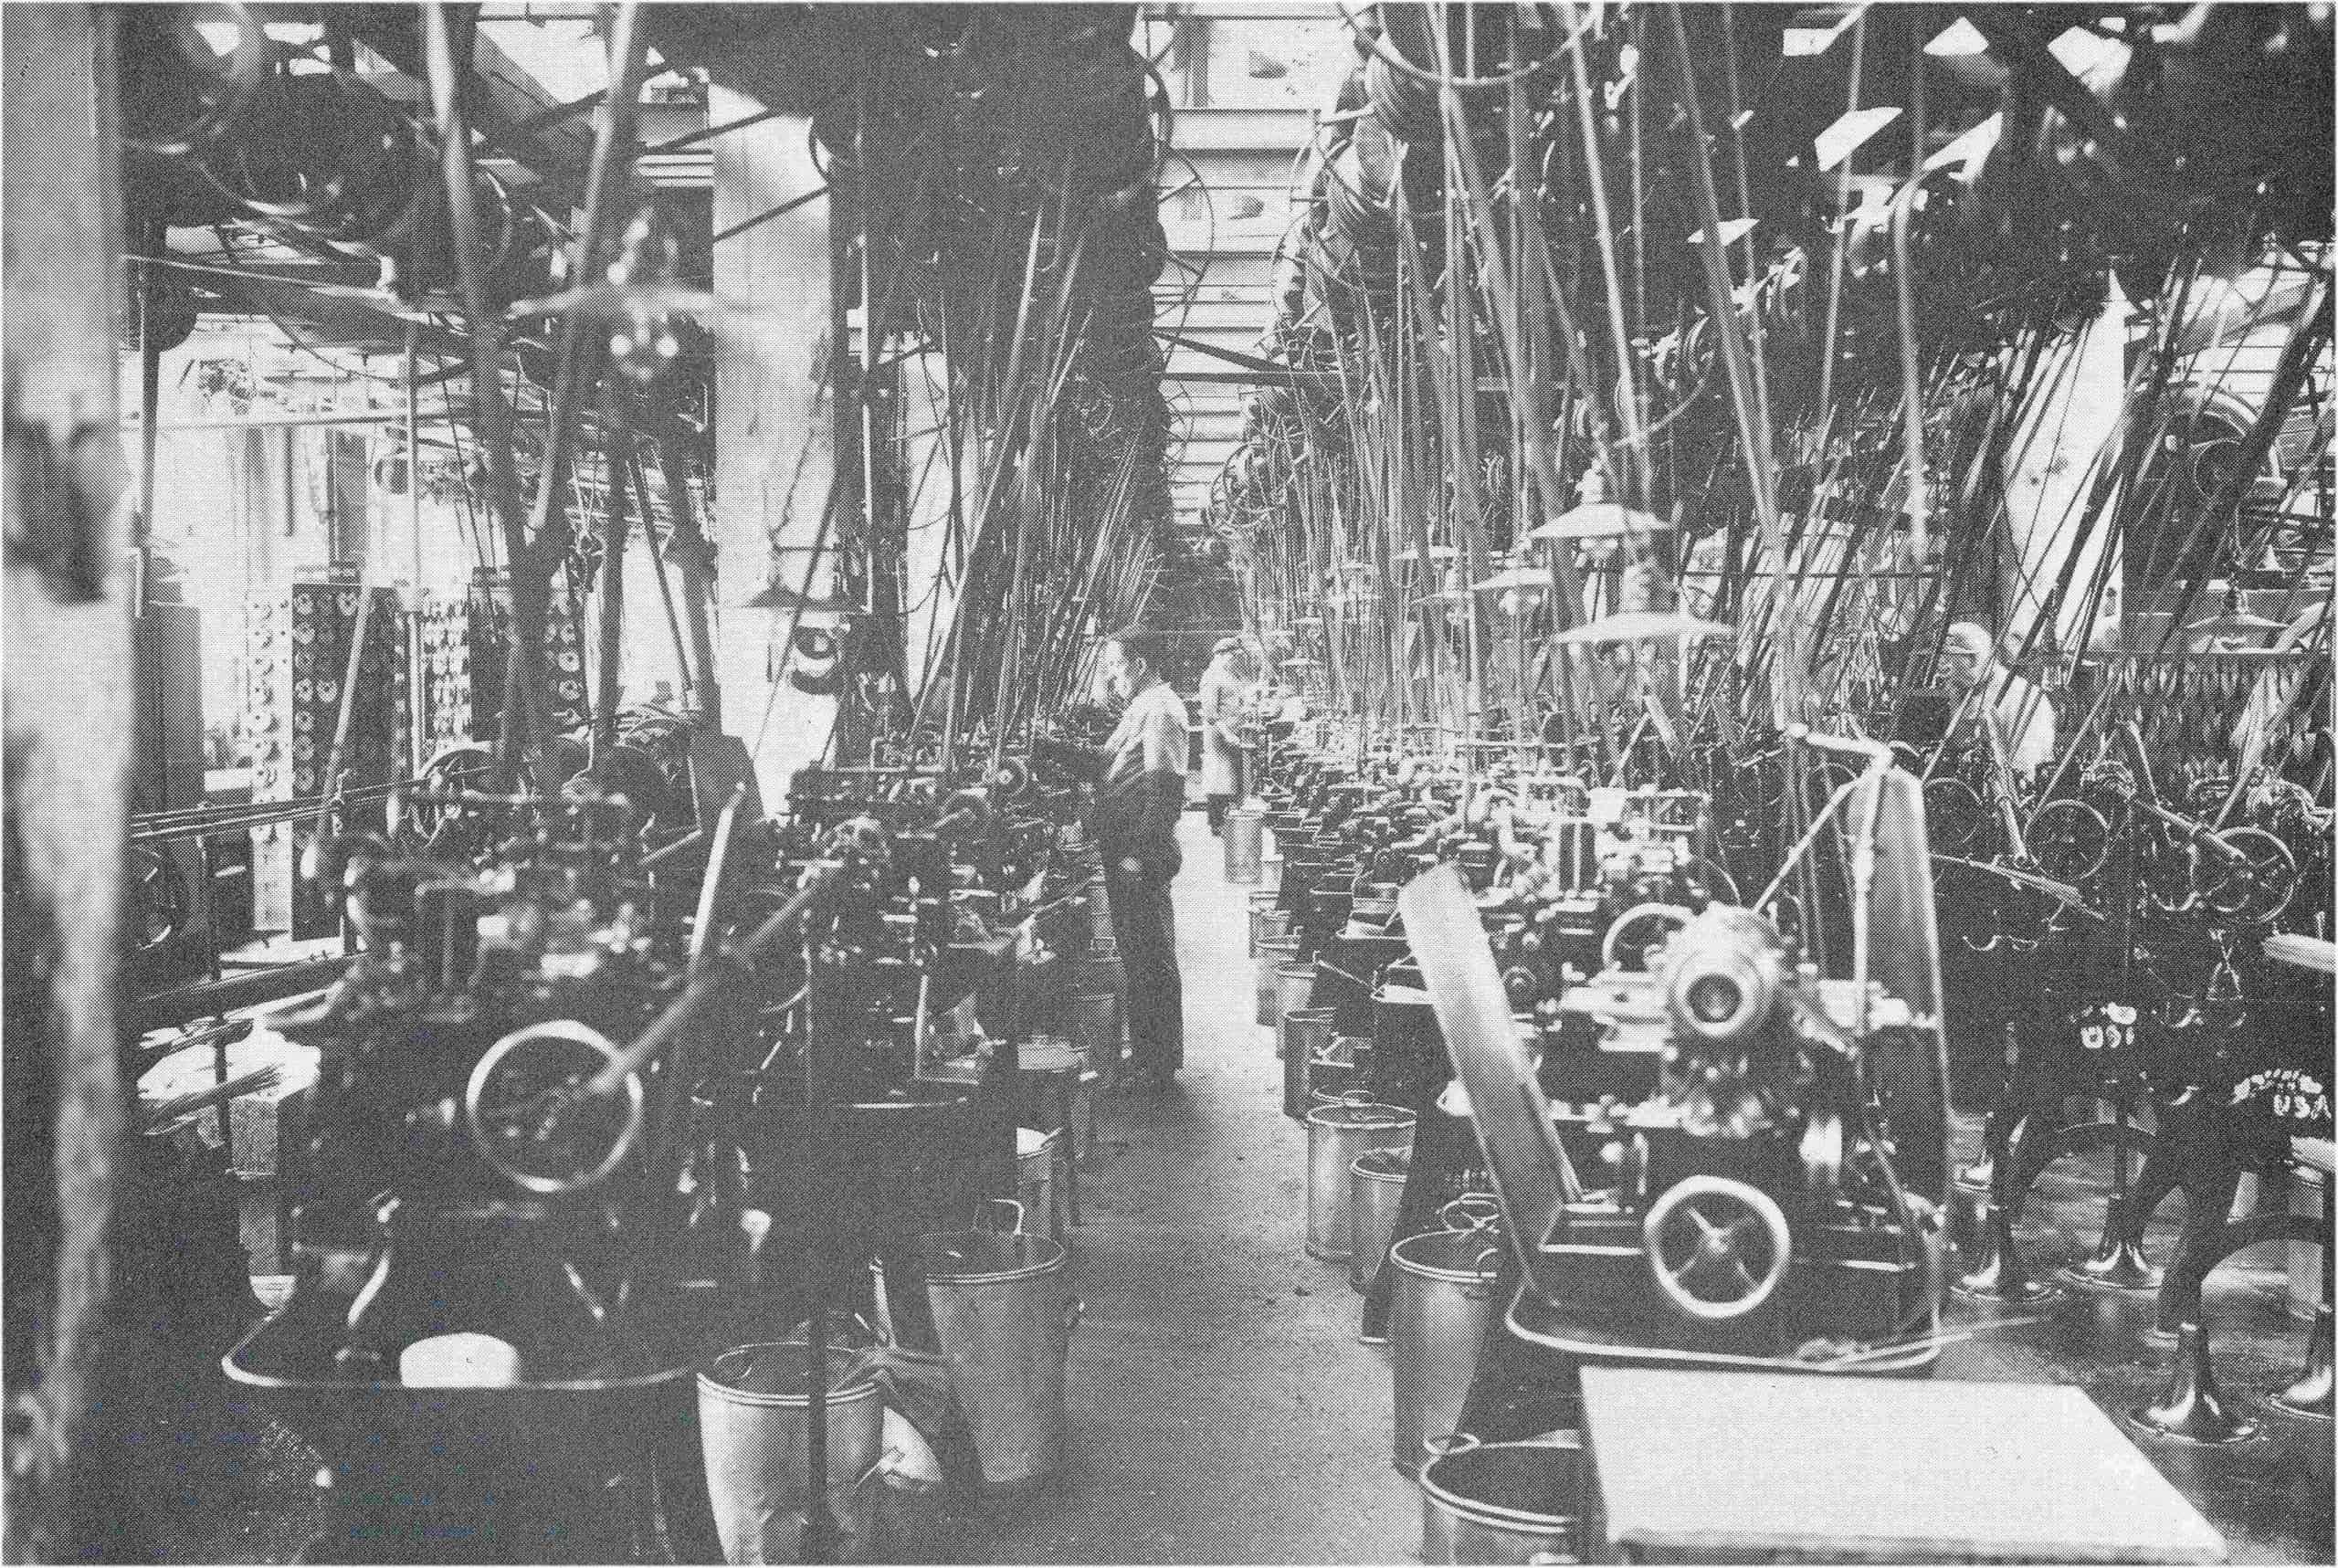 Junghans Produktion mit amerikanischen Maschinen Ende 19. Jahrhundert scaled